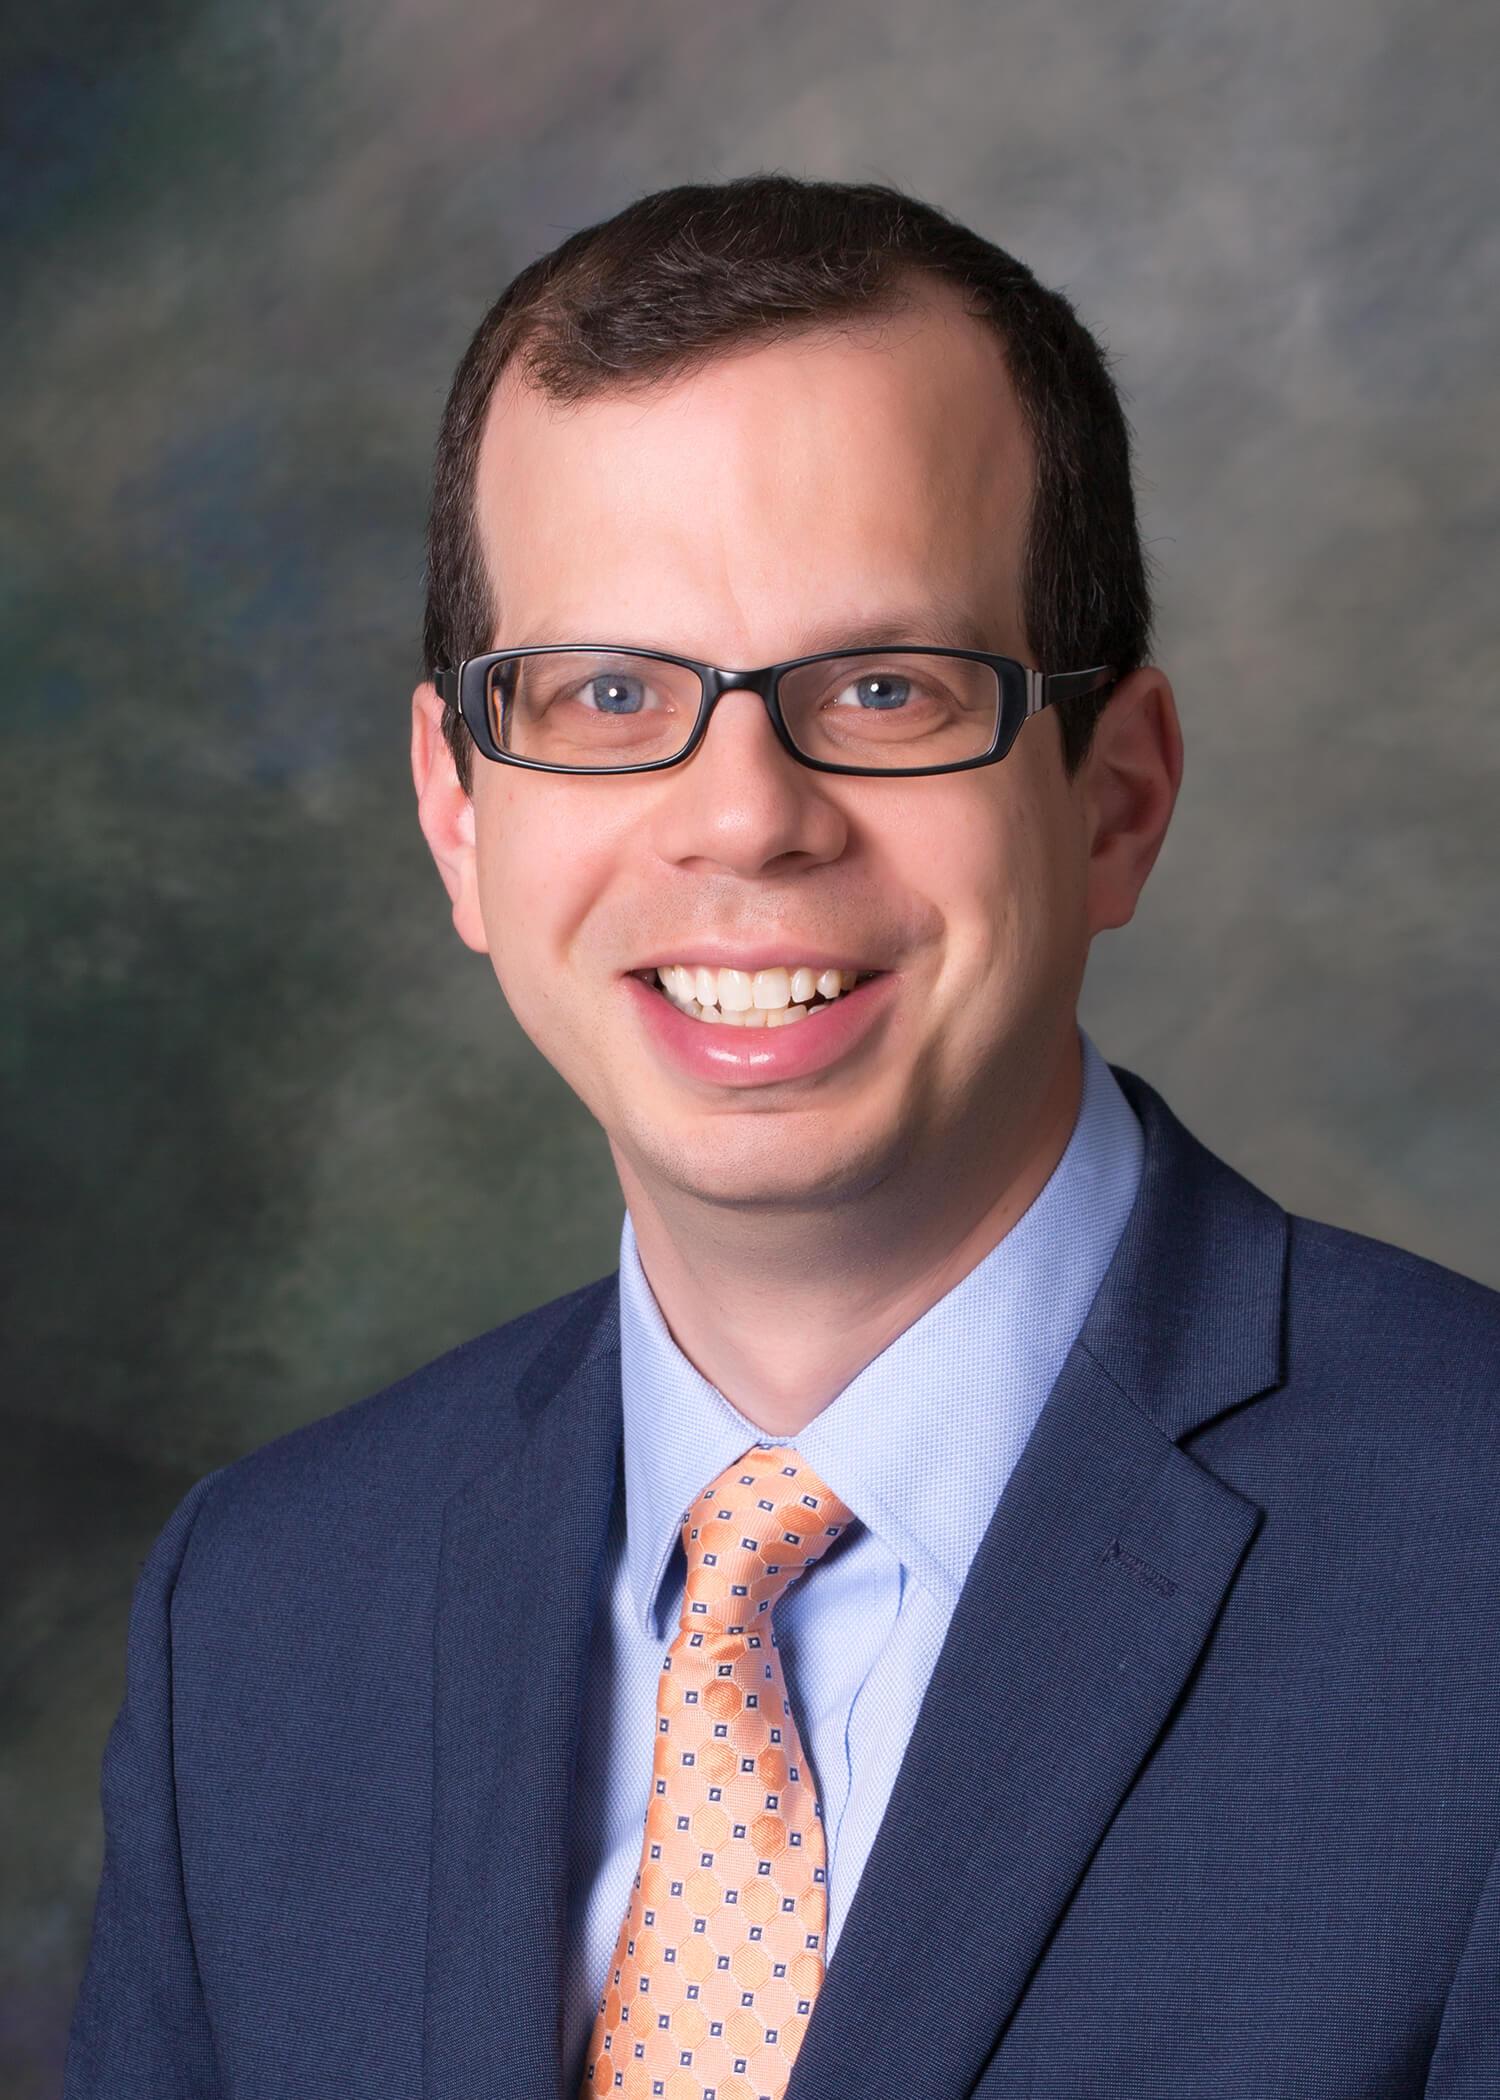 Mark Sobel 2020-Criminal-Criminal Department Manager and Senior Litigator